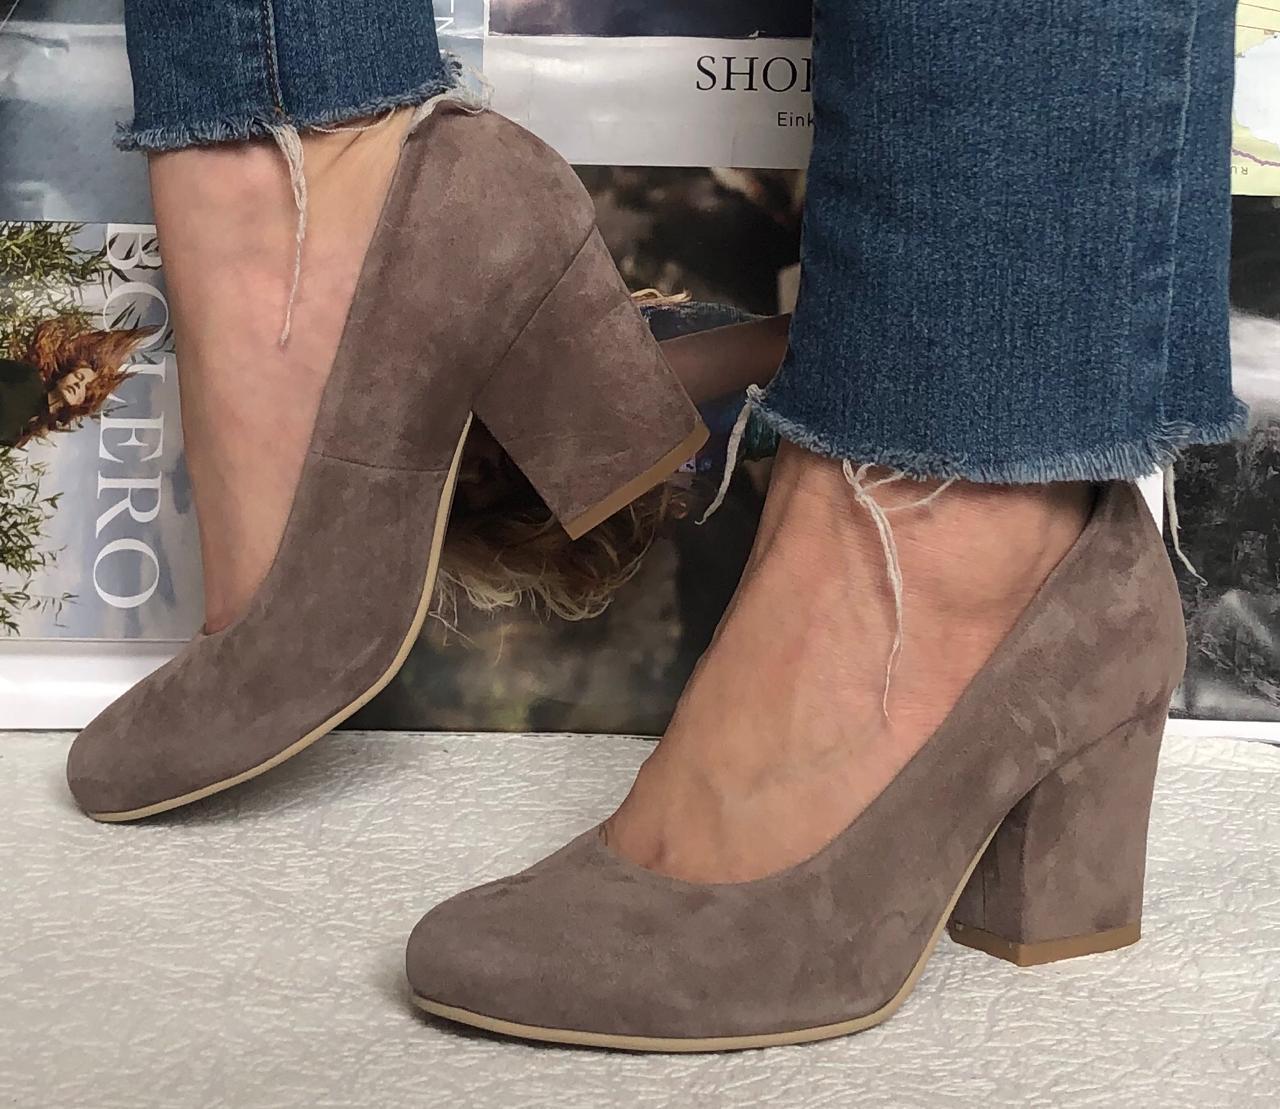 Nona! Женские качественные классические туфли батал размер цвет какао замша взуття на каблуке 7,5 см